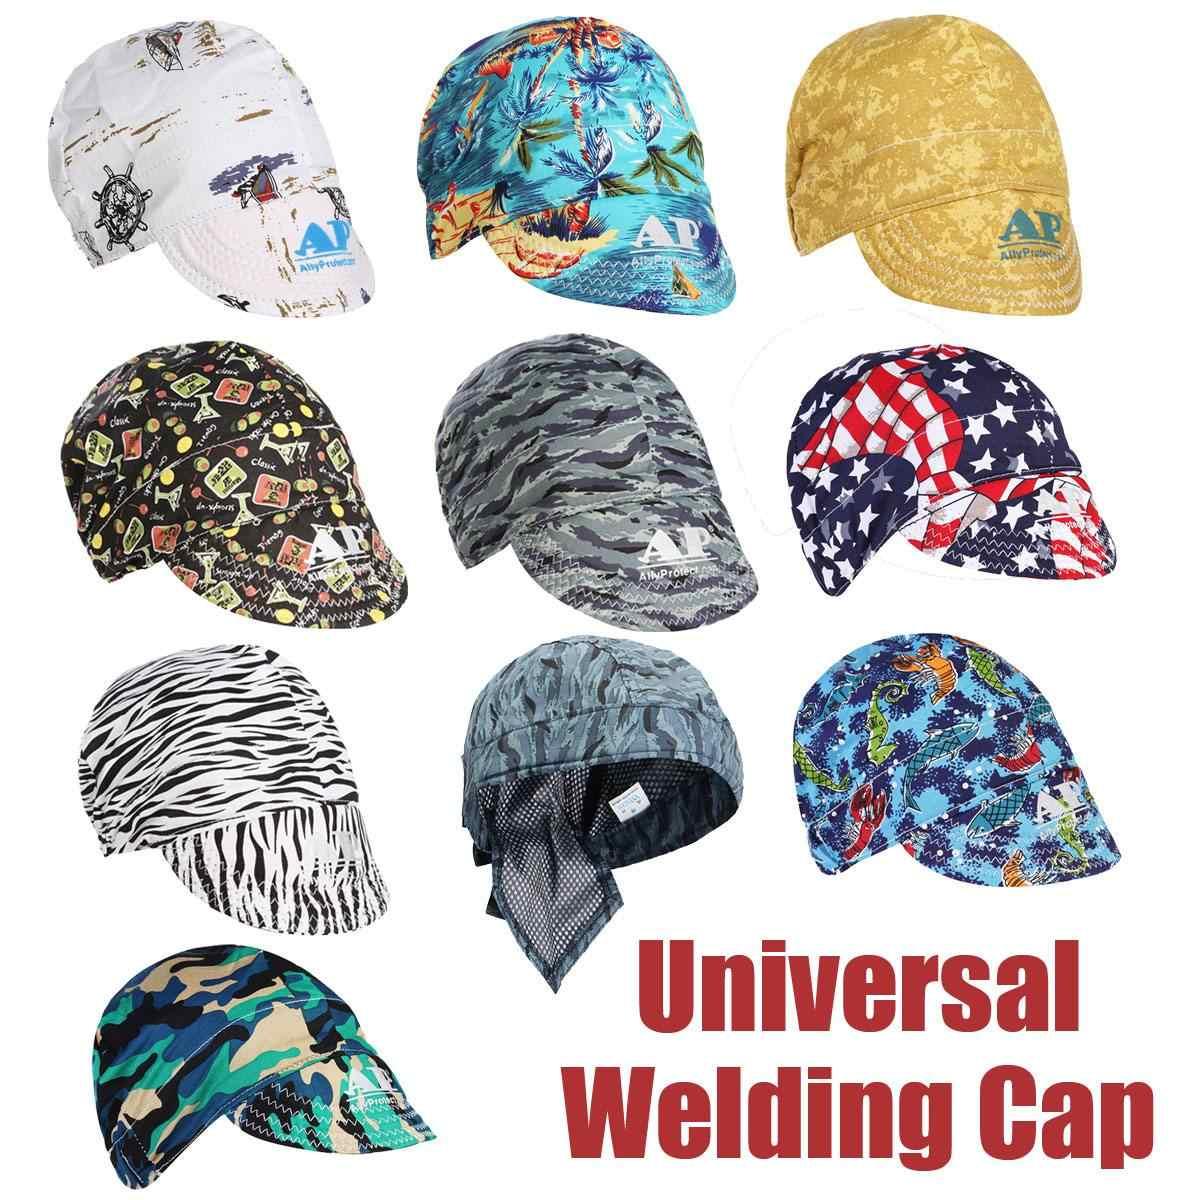 7 الأشكال مطاطا لحام قبعة امتصاص العرق لحام واقية قبعة غطاء لهب مقاومة رئيس حماية كاملة اغطية